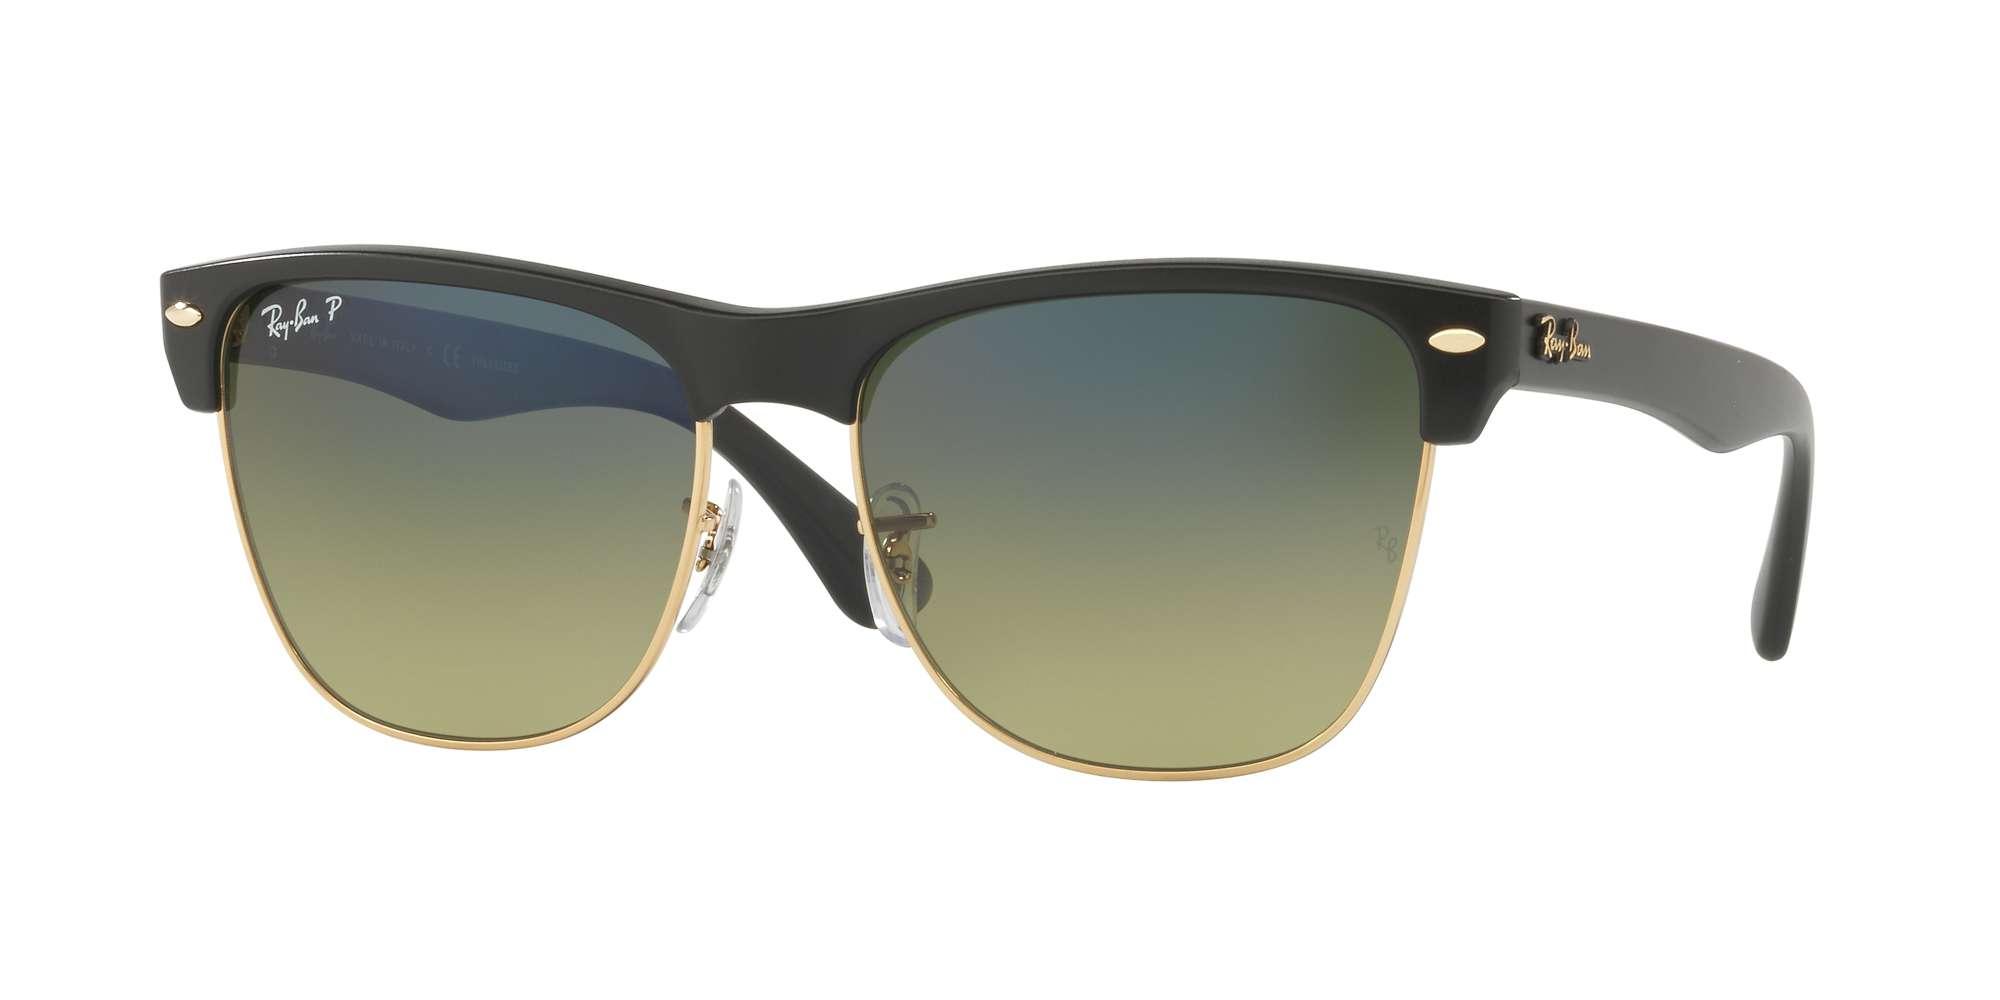 DEMIGLOSS BLACK / GREEN GRADIENT BLUE - POLAR lenses